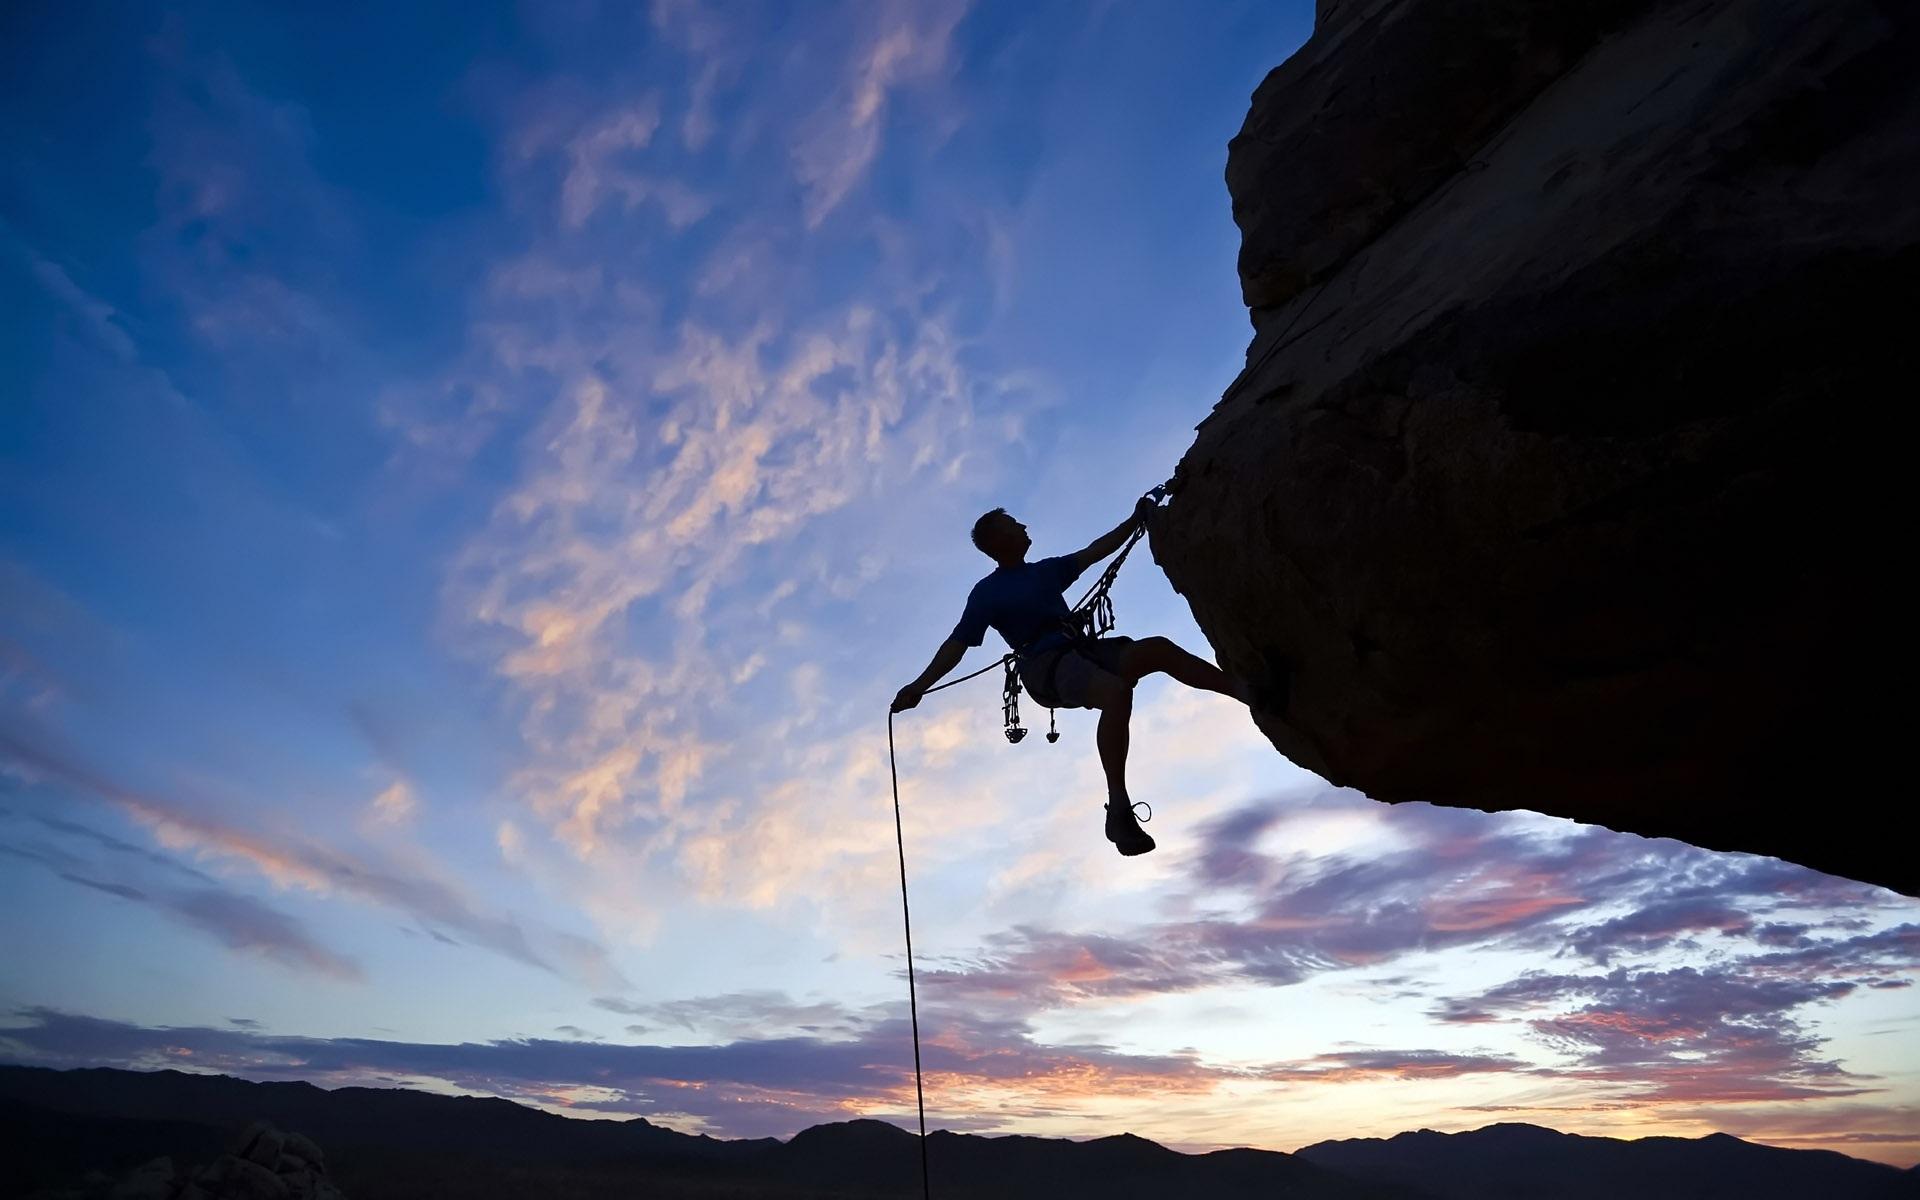 природа горы спорт скалолазание  № 3295504 загрузить